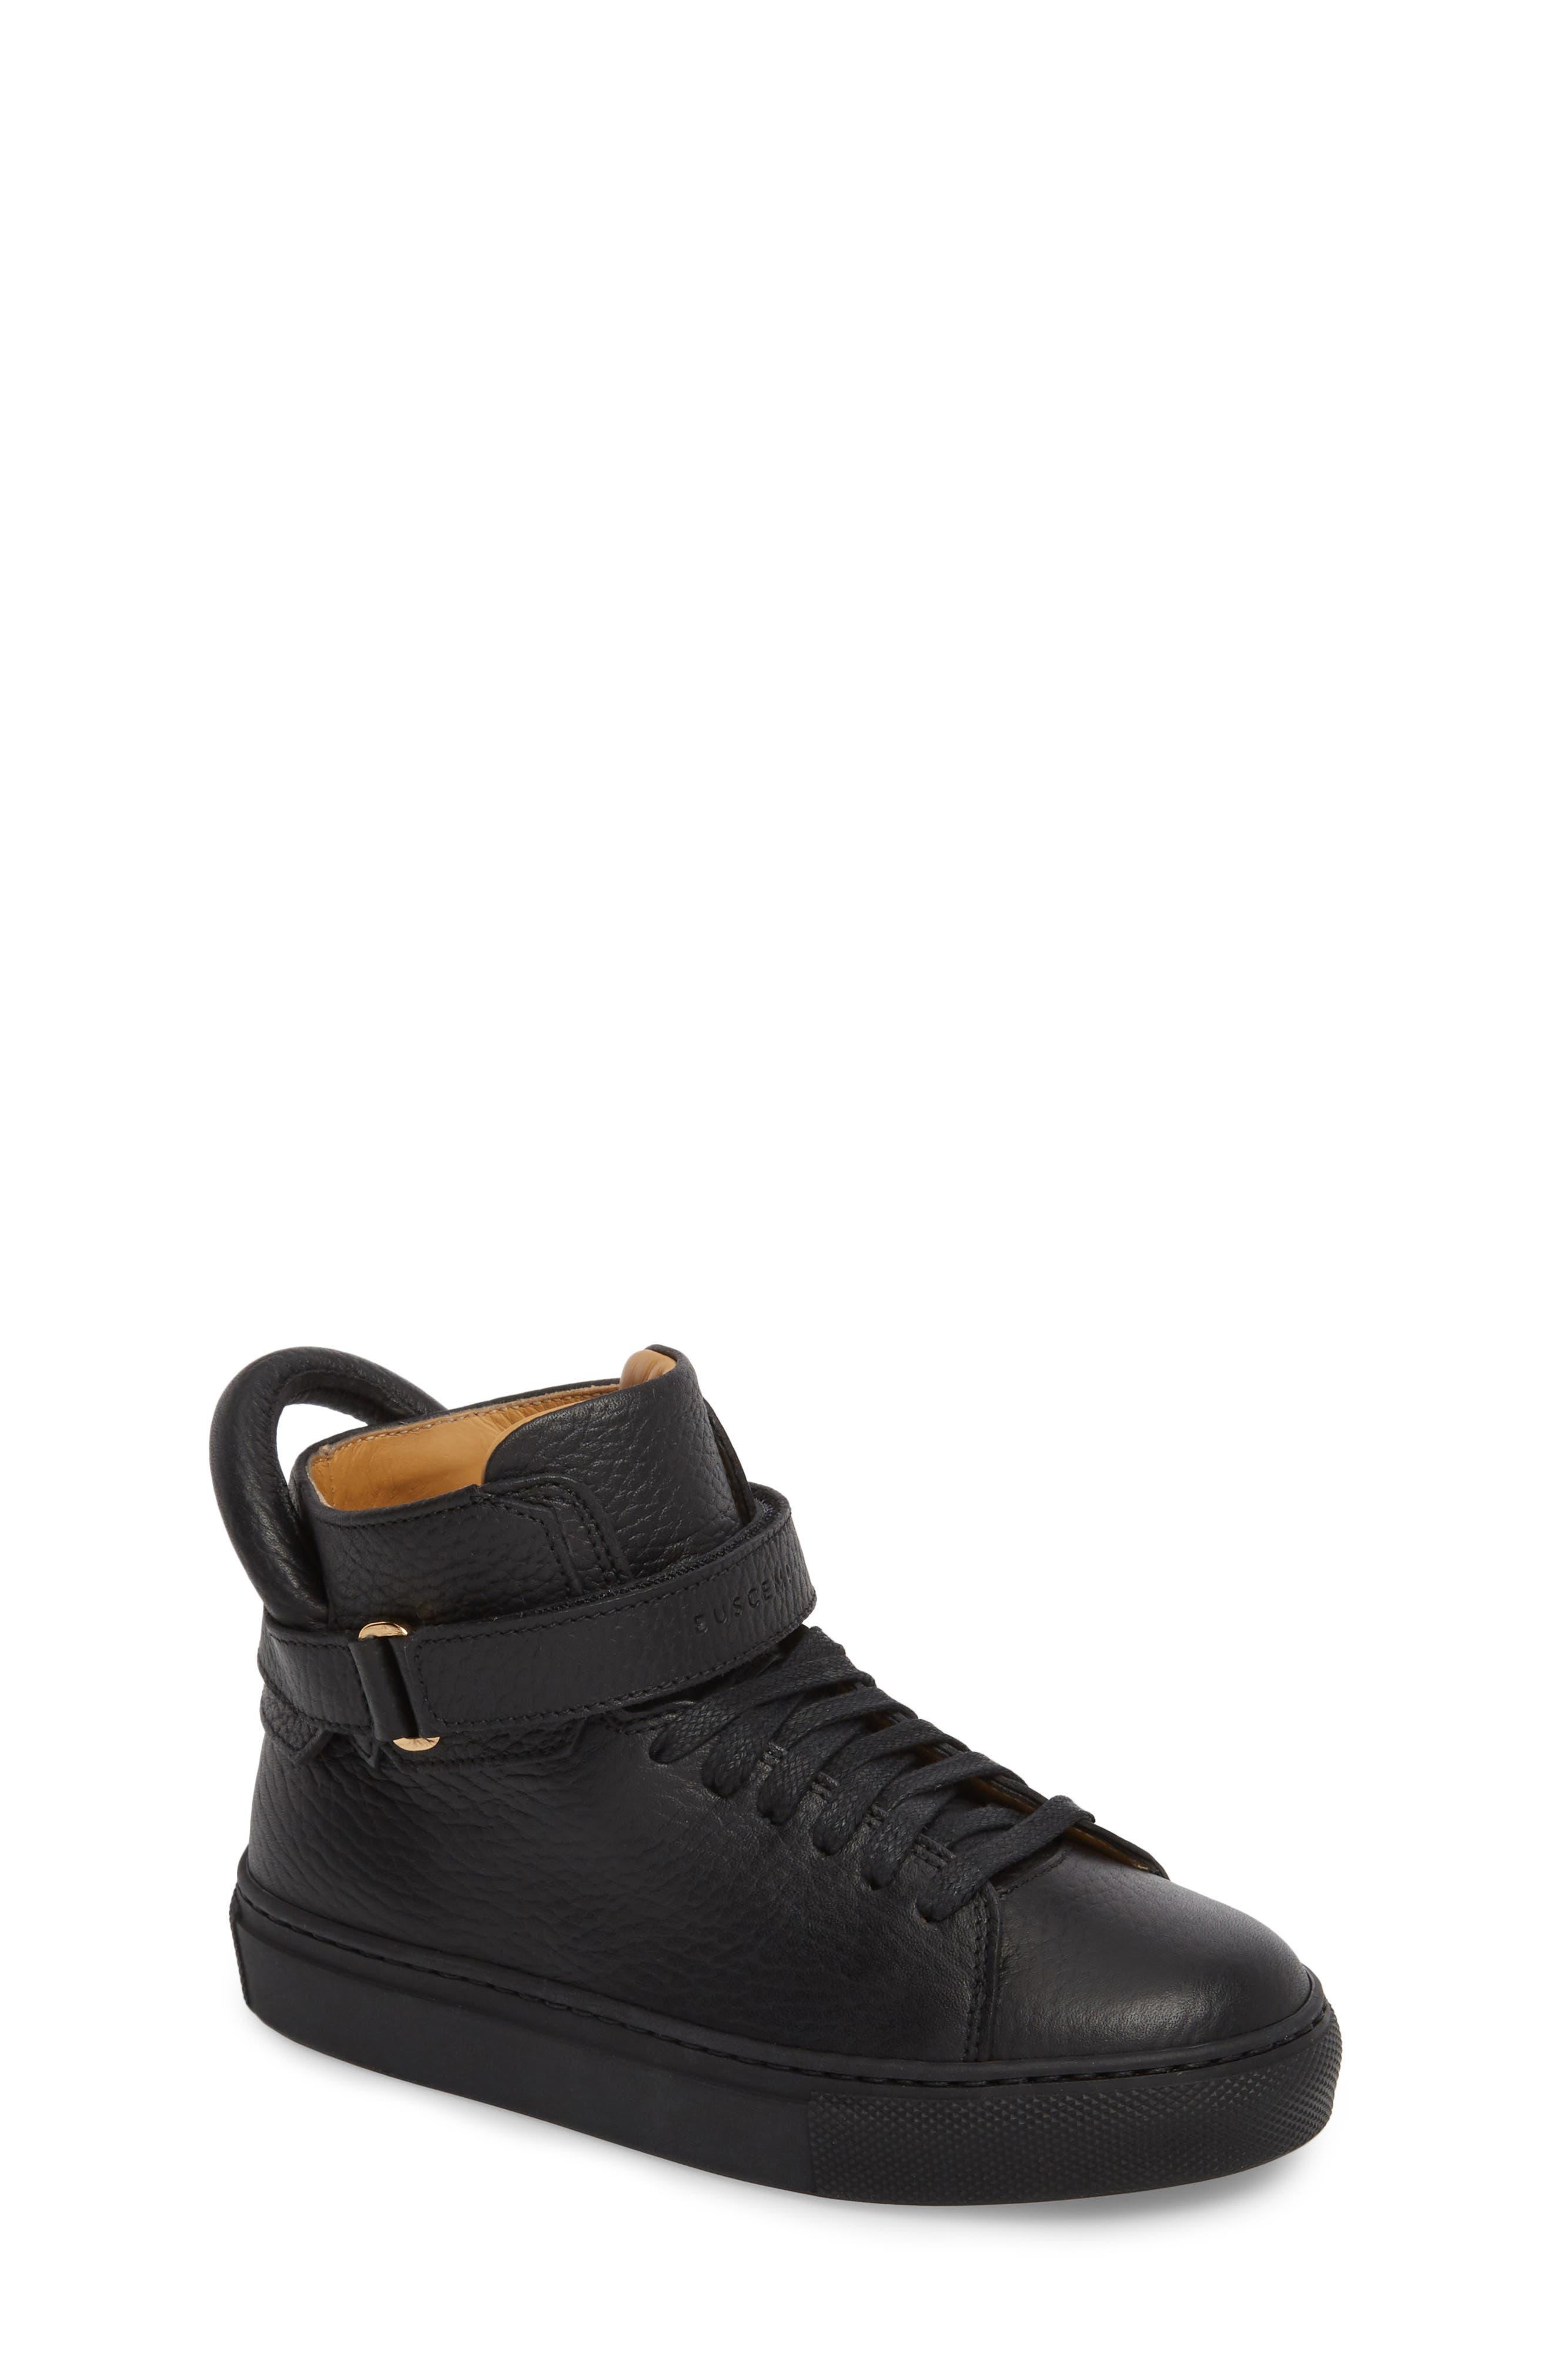 High Top Sneaker,                         Main,                         color, BLACK